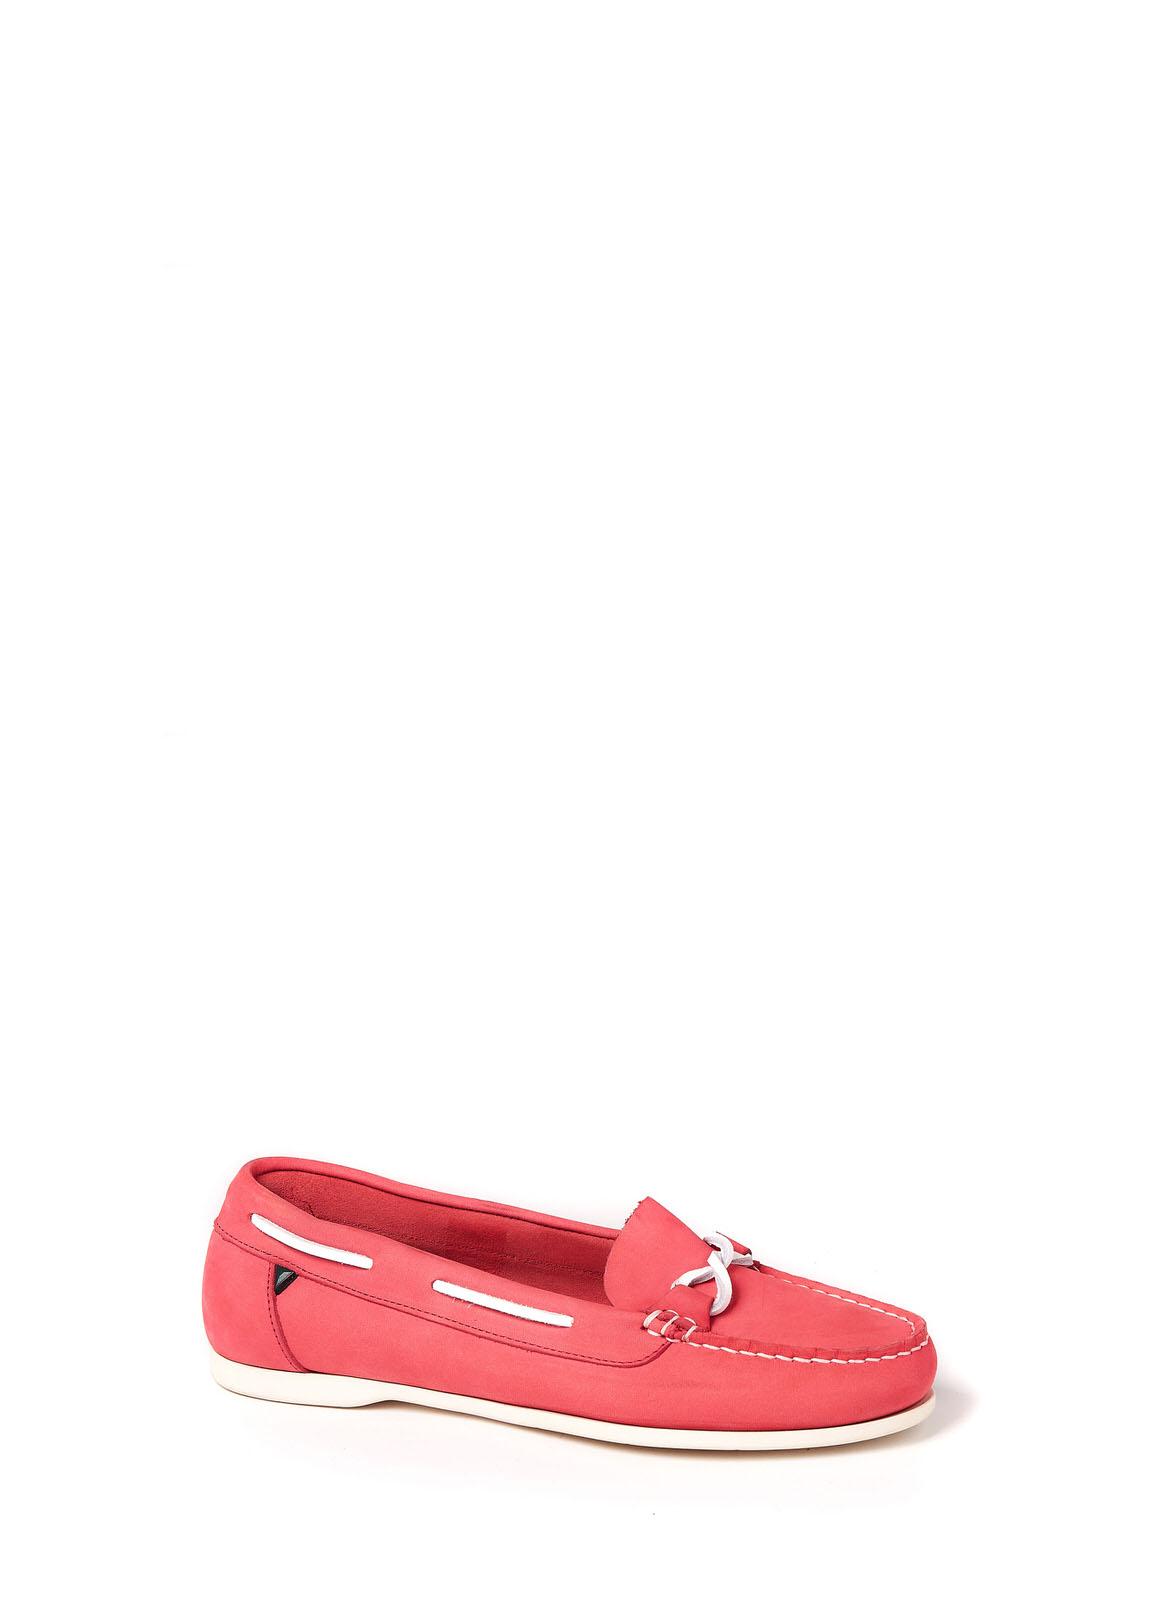 Dubarry_ Rhodes Deck Shoe - Coral_Image_1